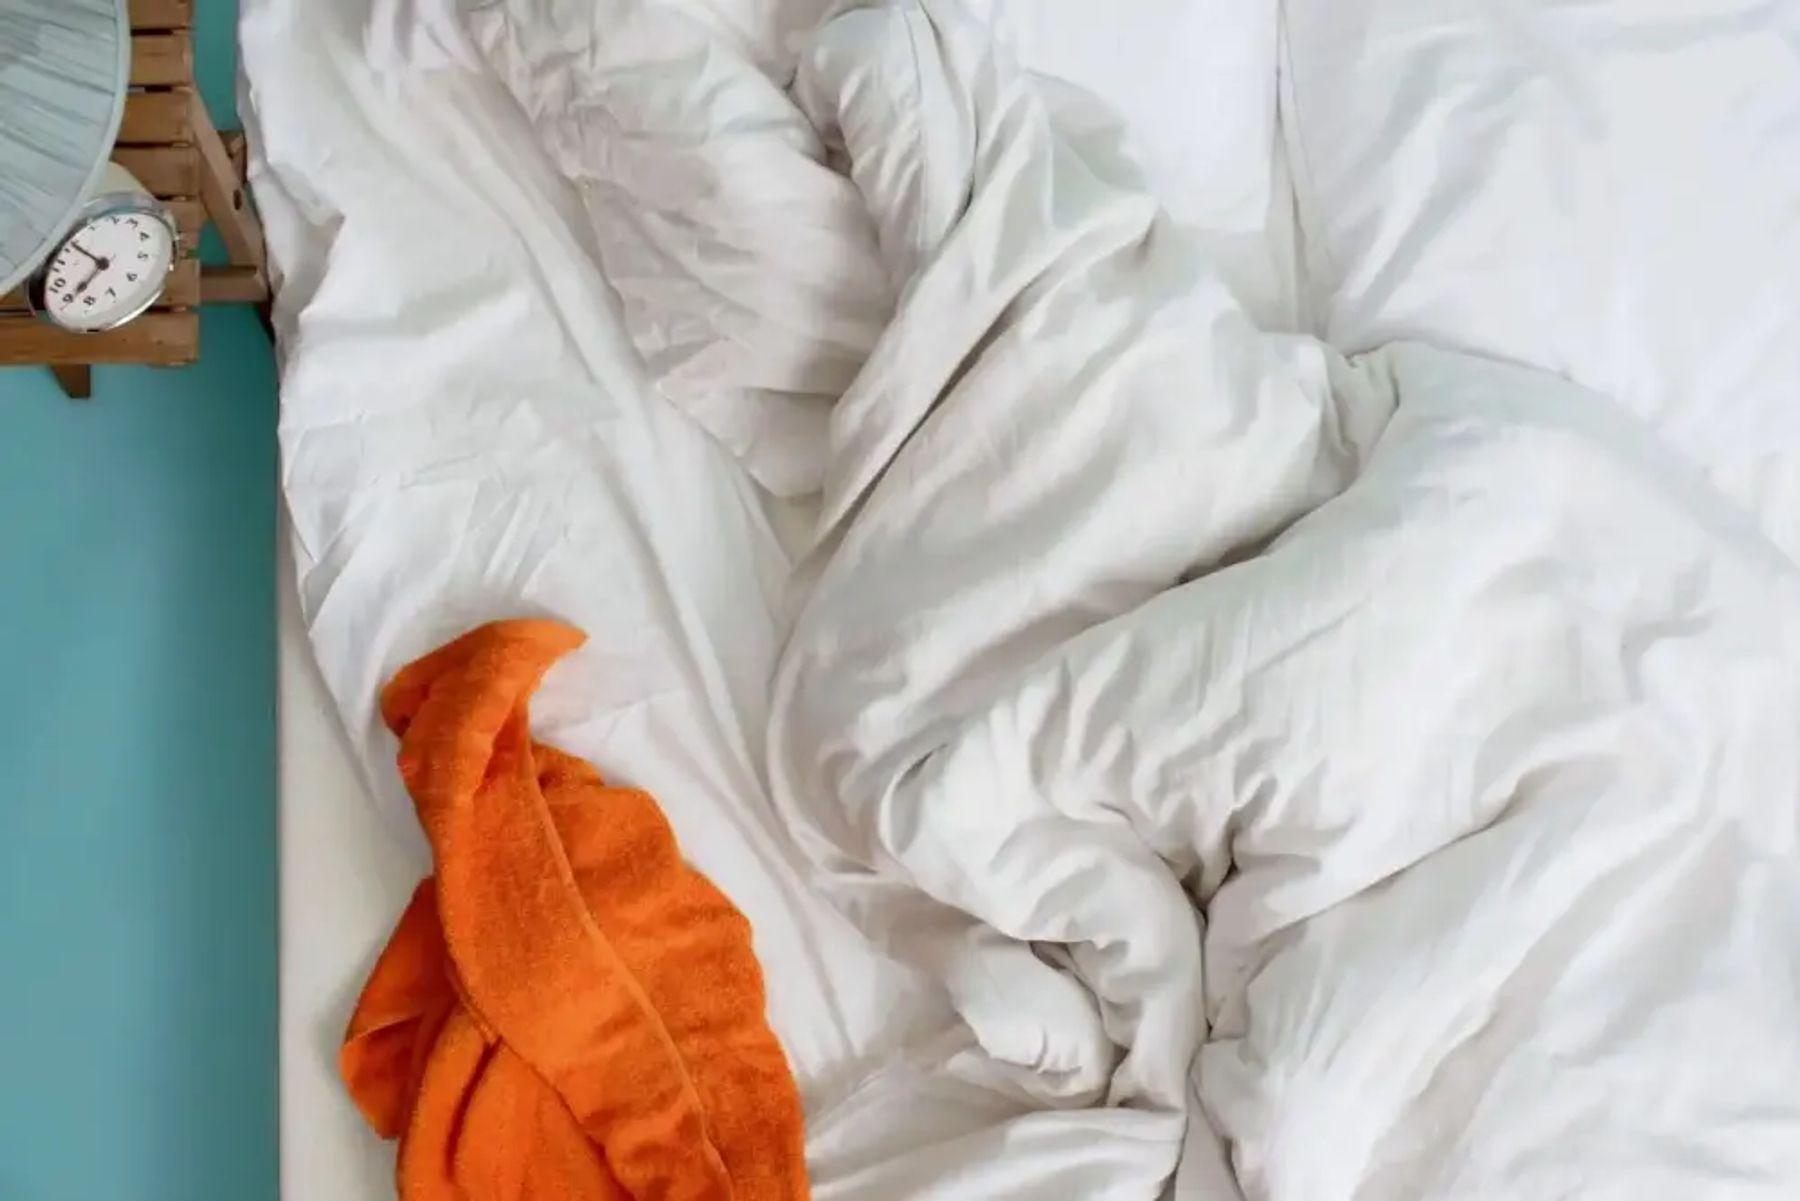 Step 3: Dağınık beyaz çarşaflar ve yorgan üzerinde turuncu havlu